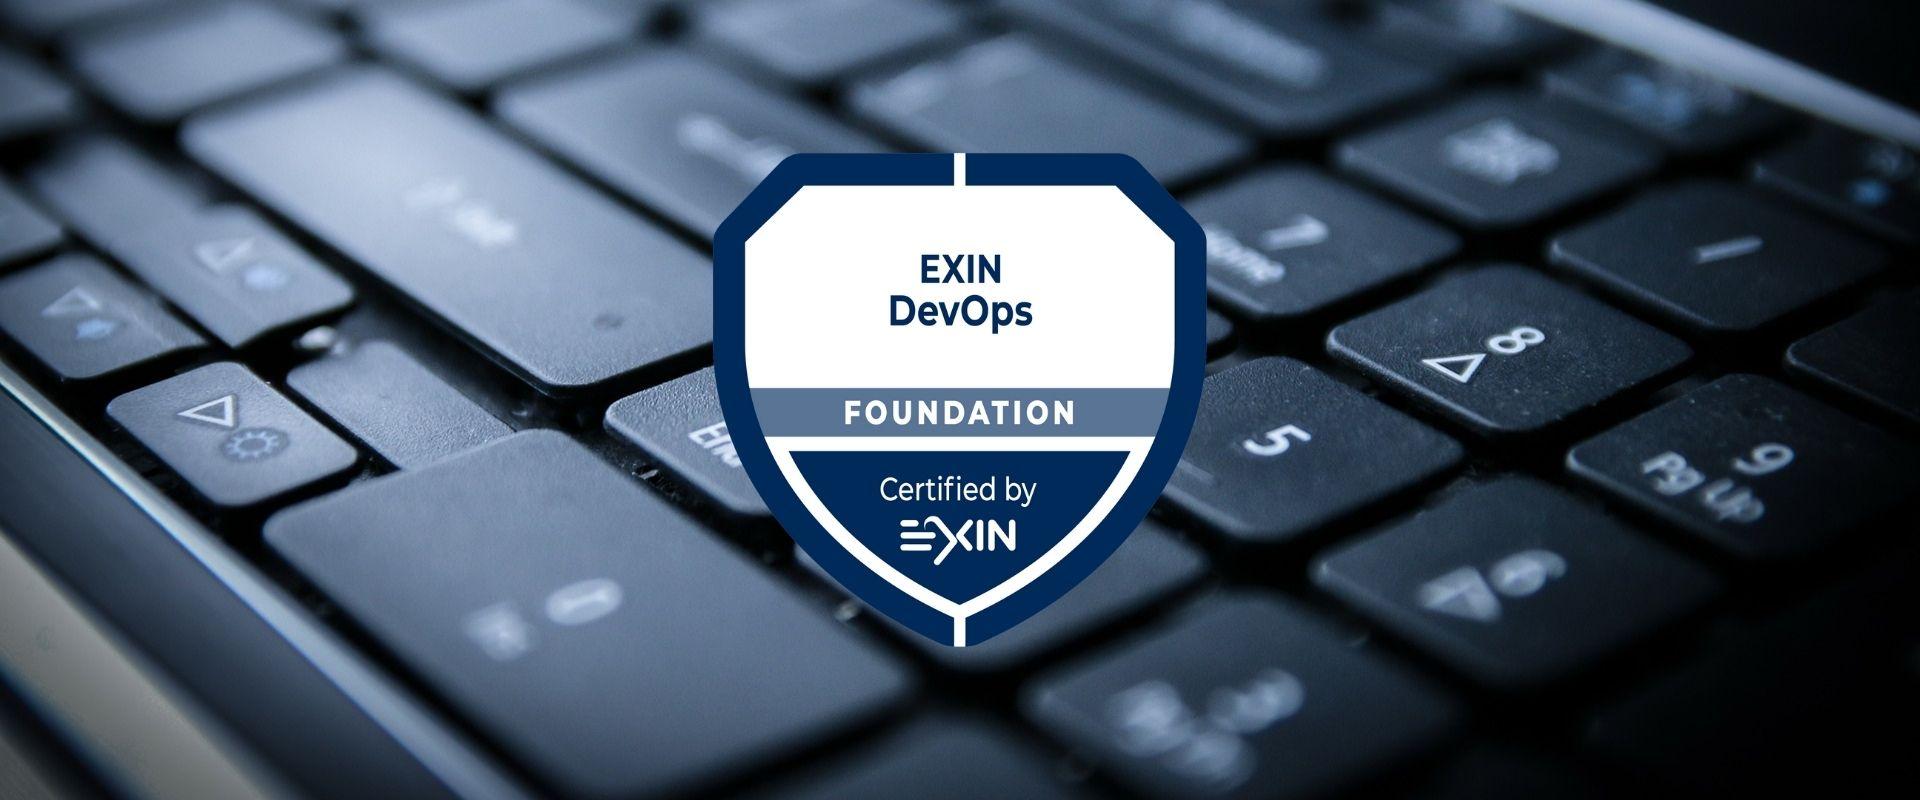 Certificação EXIN DevOps Foundation: tudo o que você precisa saber